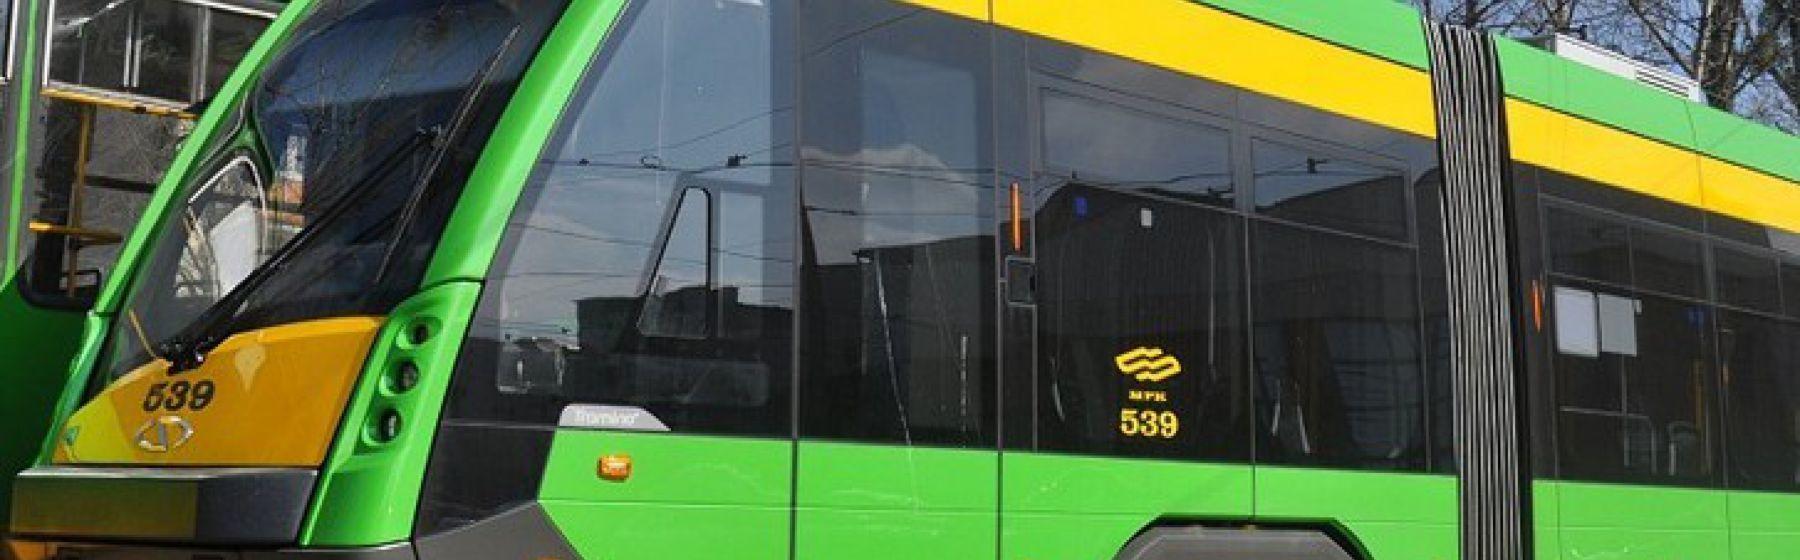 Samochód wpadł na torowisko na ul. Jana Pawła II, tramwaje jadą objazdami, utrudnienia także dla kierowców (Aktualizacja)